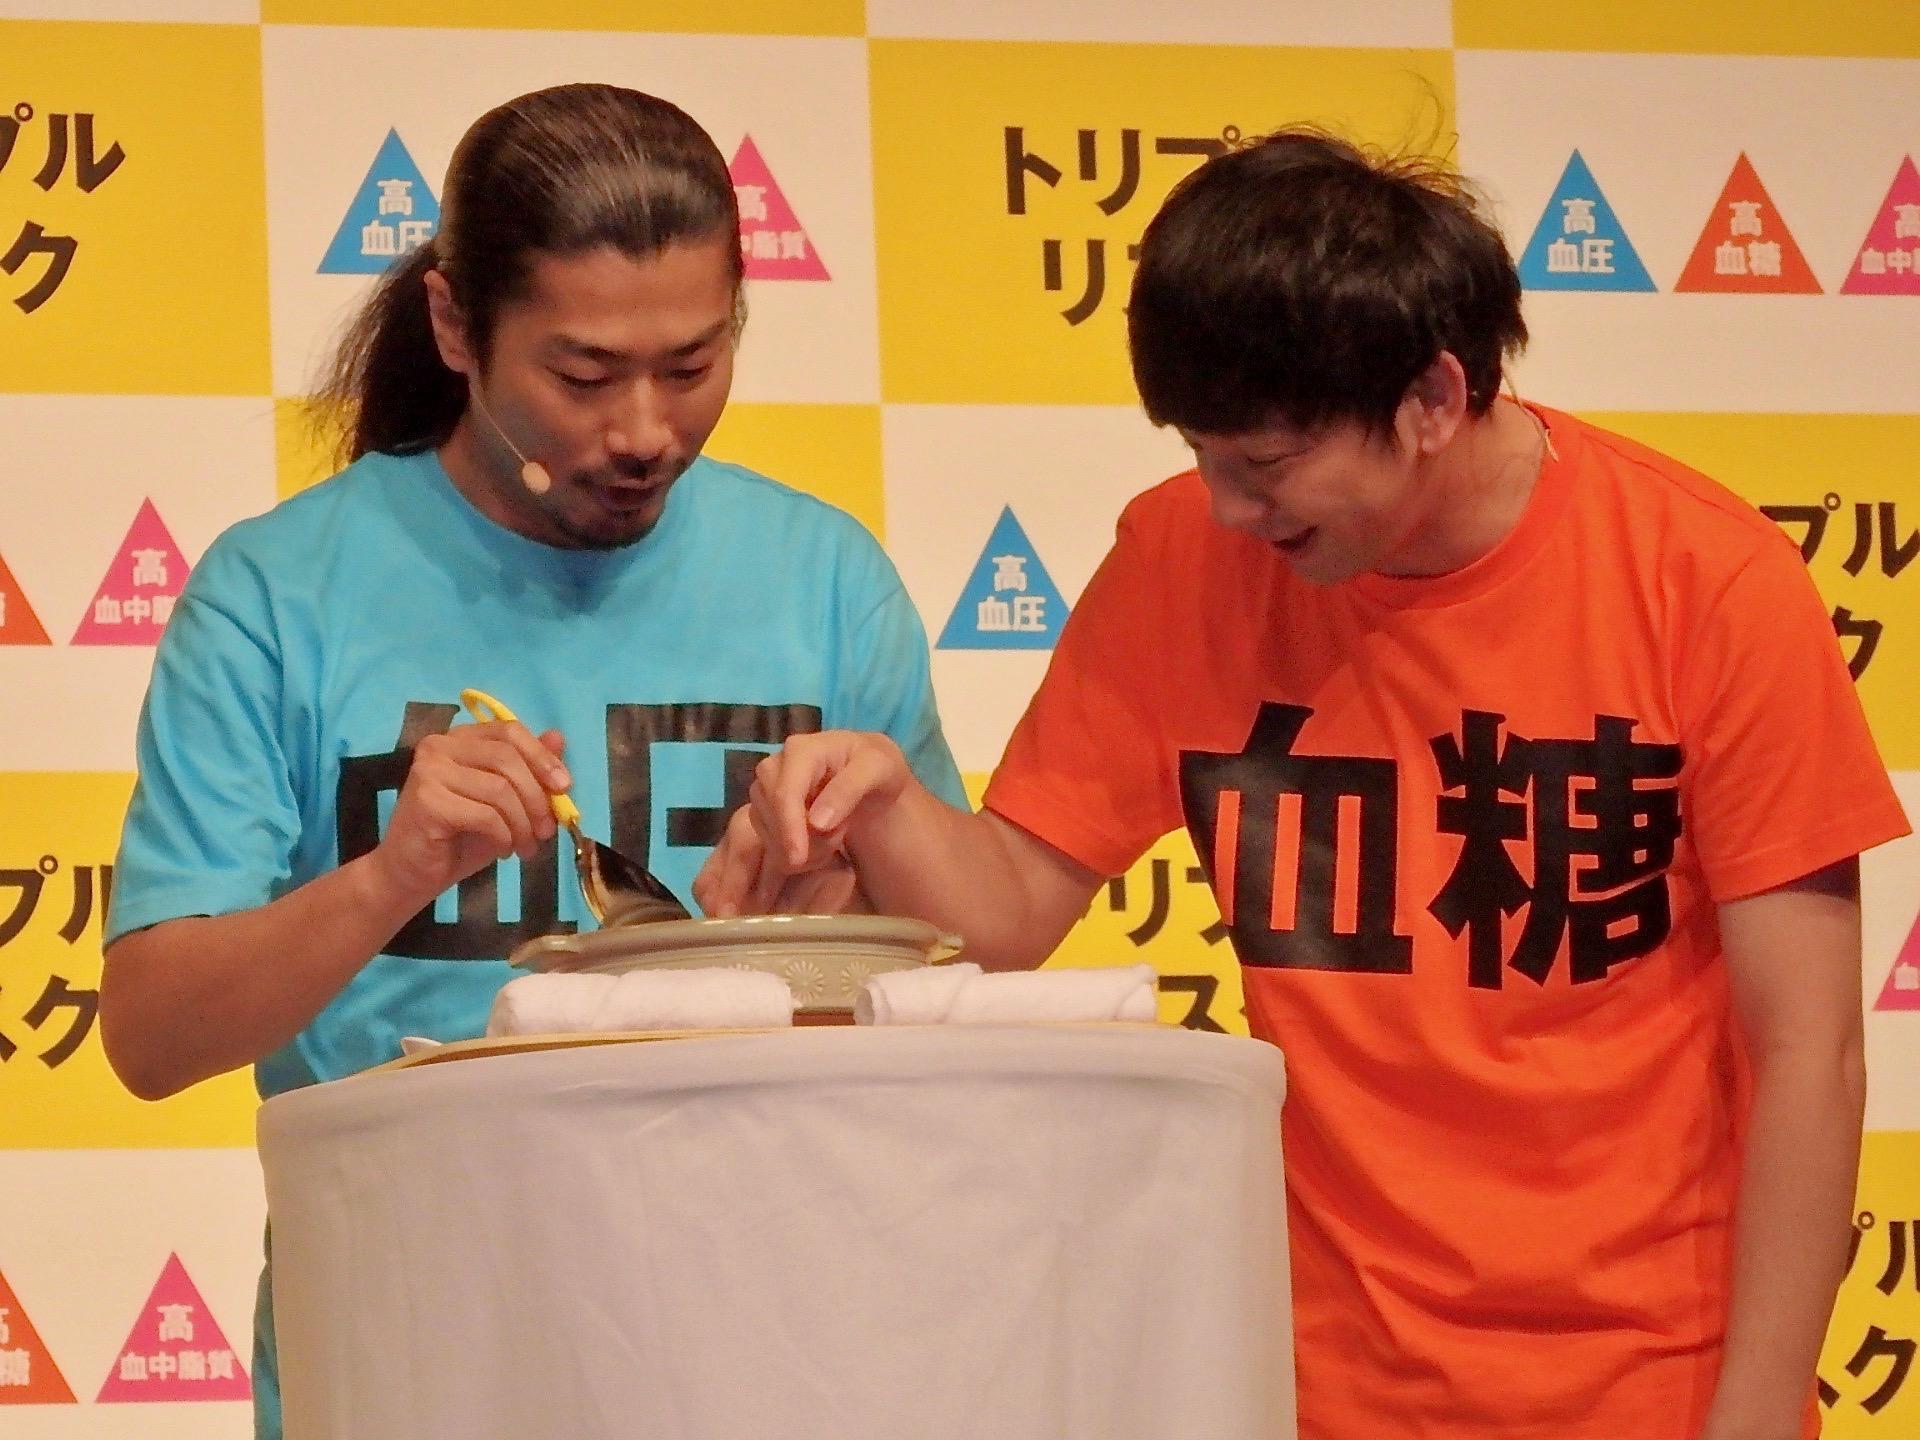 http://news.yoshimoto.co.jp/20180227231333-a6aaaf4b52c347464a3d3be2a499c00196faf6b3.jpg